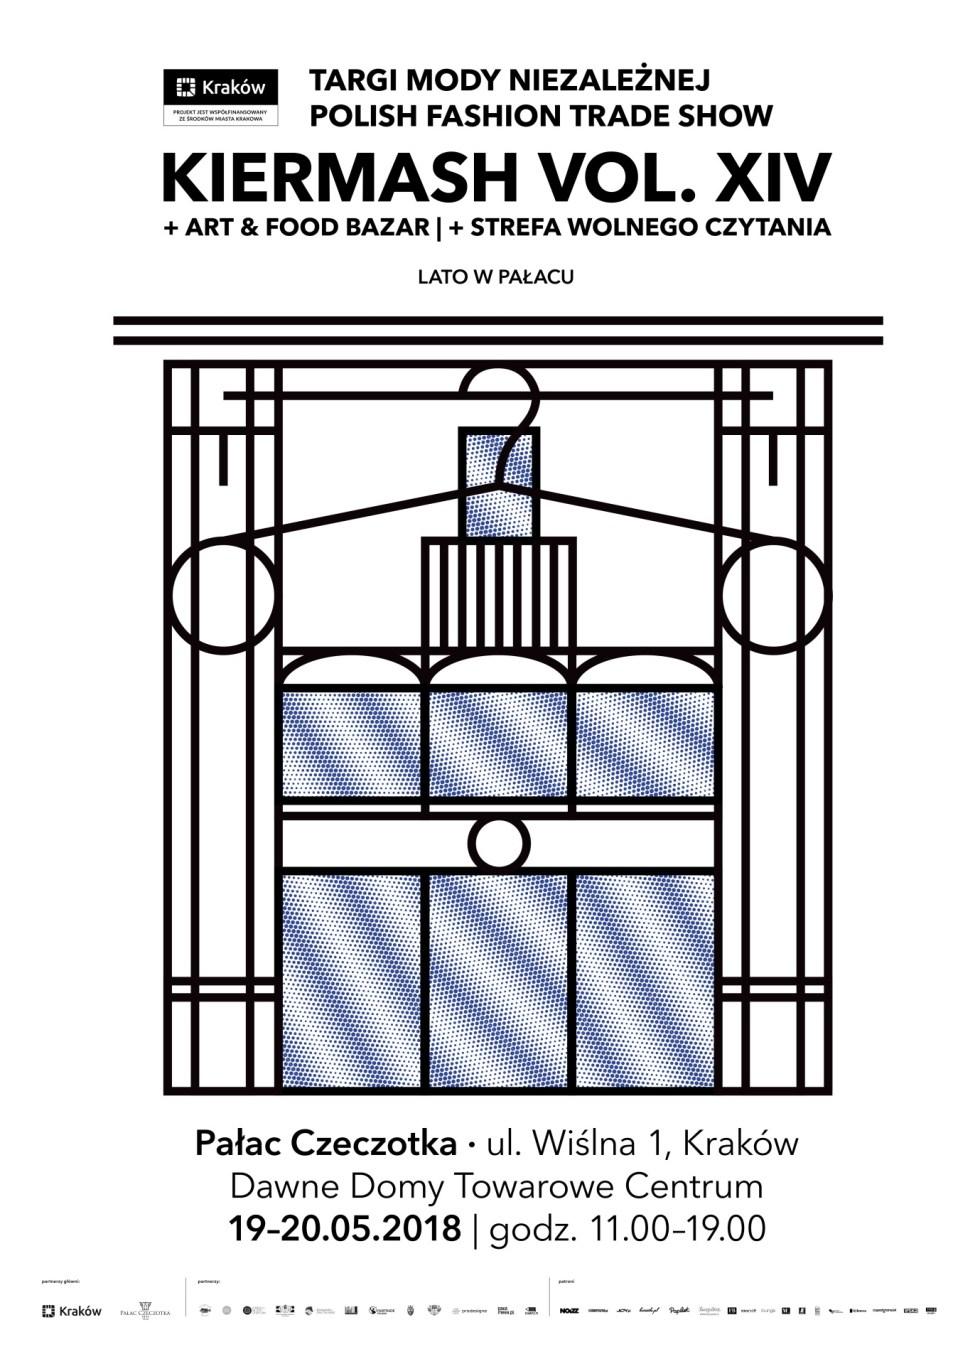 Kiermash vol XIV Lato w pałacu